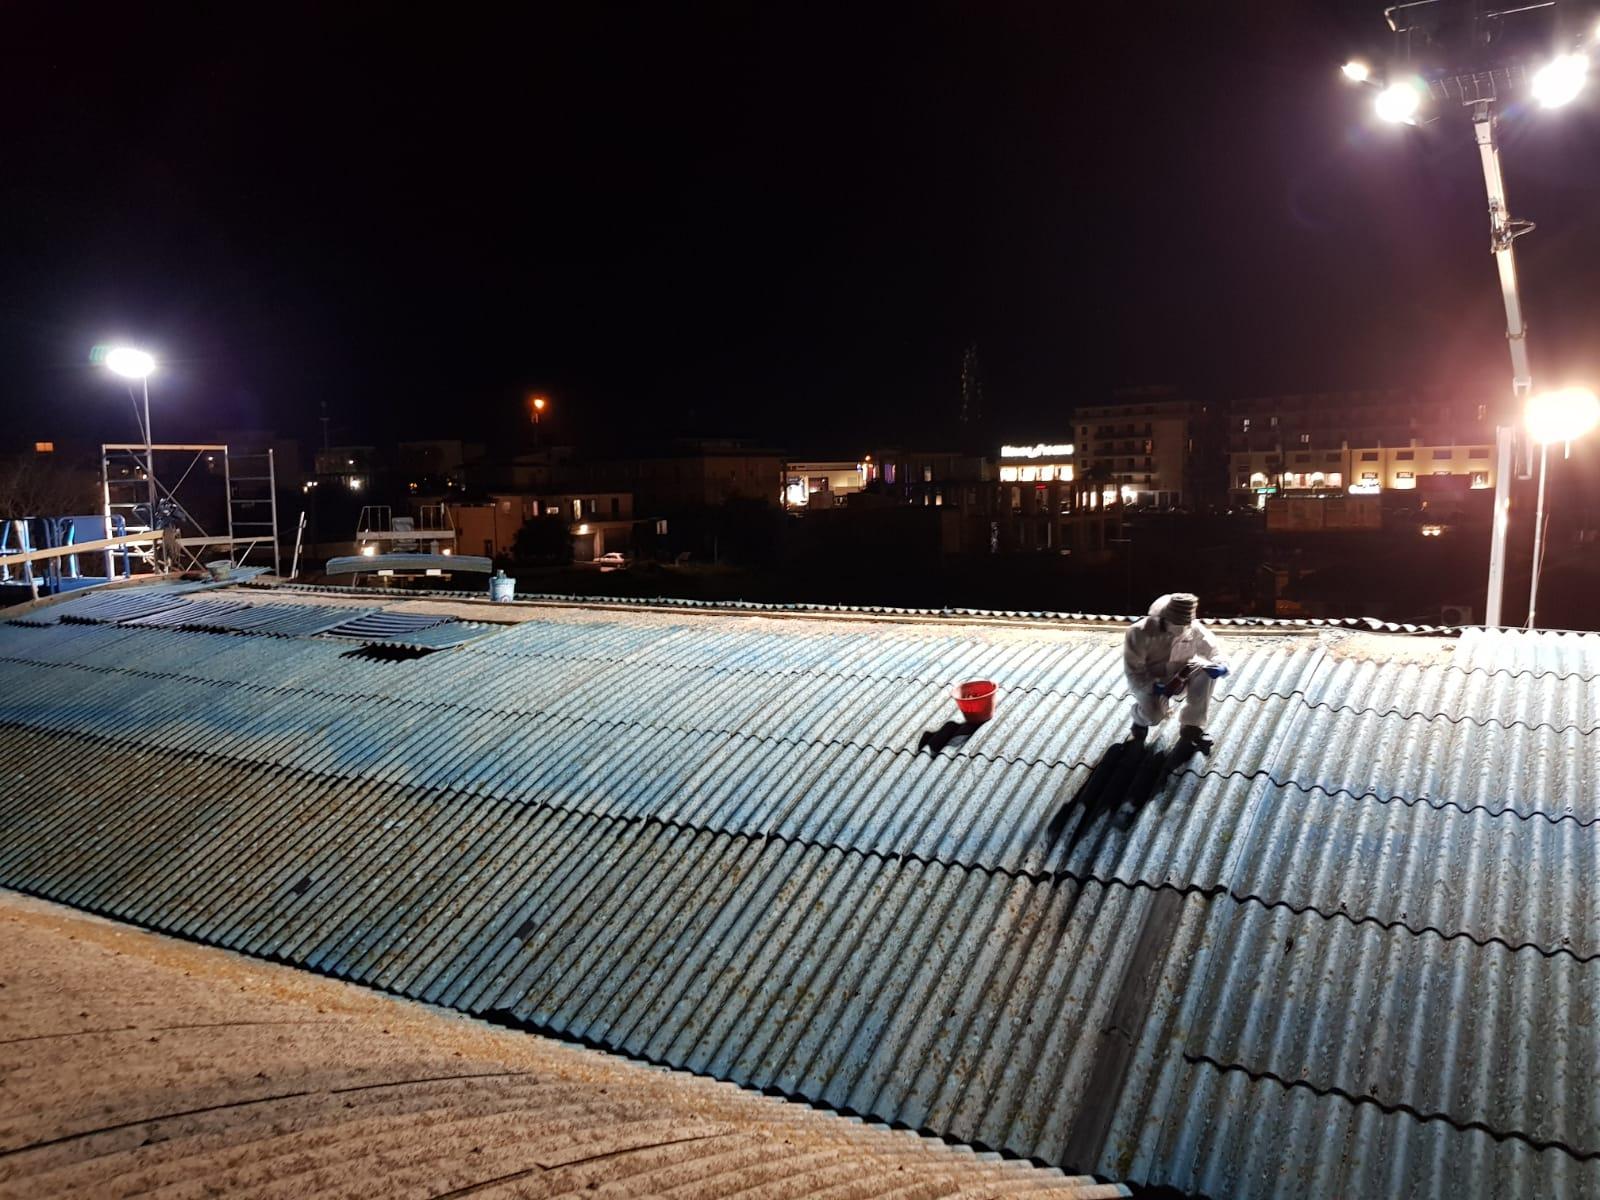 Interventi di rimozione amianto a Modica (Ragusa) pianificati ed effettuati di notte, in sicurezza, per evitare la contemporaneità col pubblico e coi dipendenti.